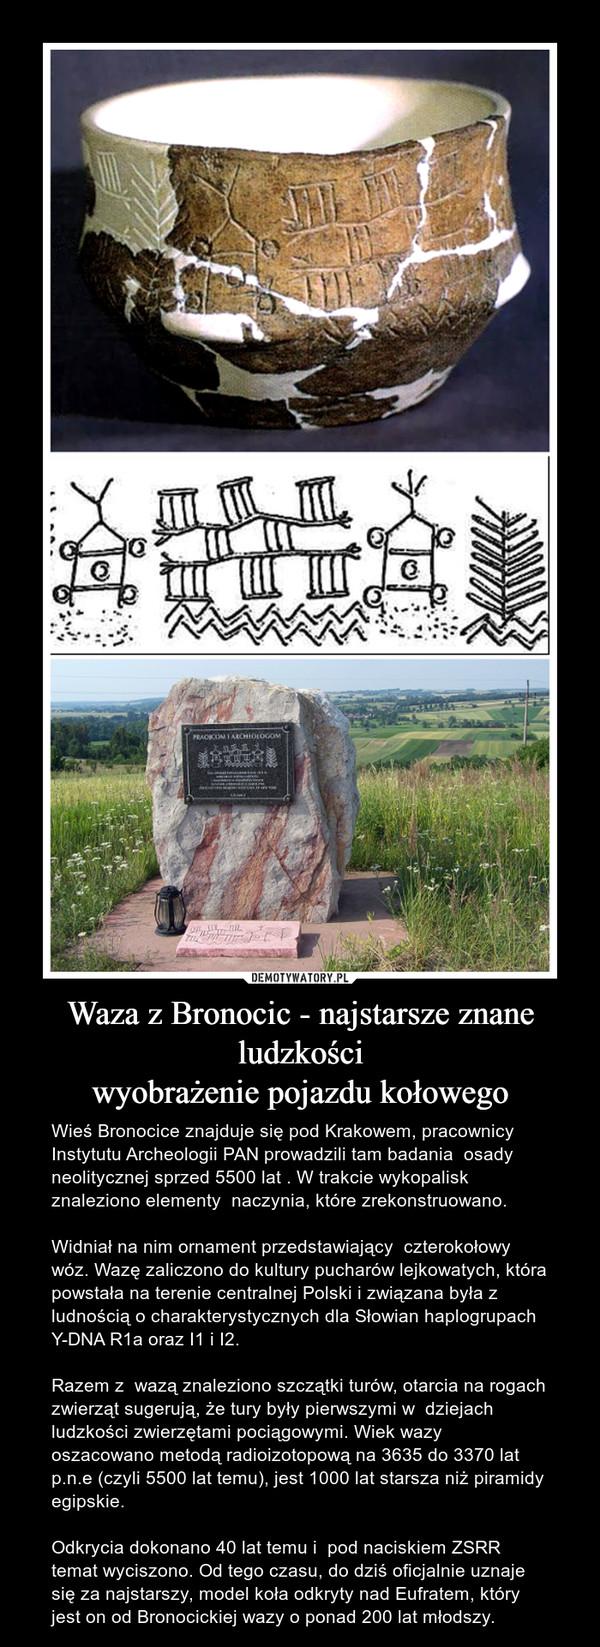 Waza z Bronocic - najstarsze znane ludzkościwyobrażenie pojazdu kołowego – Wieś Bronocice znajduje się pod Krakowem, pracownicy Instytutu Archeologii PAN prowadzili tam badania  osady neolitycznej sprzed 5500 lat . W trakcie wykopalisk znaleziono elementy  naczynia, które zrekonstruowano. Widniał na nim ornament przedstawiający  czterokołowy wóz. Wazę zaliczono do kultury pucharów lejkowatych, która  powstała na terenie centralnej Polski i związana była z ludnością o charakterystycznych dla Słowian haplogrupach Y-DNA R1a oraz I1 i I2. Razem z  wazą znaleziono szczątki turów, otarcia na rogach zwierząt sugerują, że tury były pierwszymi w  dziejach ludzkości zwierzętami pociągowymi. Wiek wazy oszacowano metodą radioizotopową na 3635 do 3370 lat p.n.e (czyli 5500 lat temu), jest 1000 lat starsza niż piramidy egipskie.Odkrycia dokonano 40 lat temu i  pod naciskiem ZSRR temat wyciszono. Od tego czasu, do dziś oficjalnie uznaje się za najstarszy, model koła odkryty nad Eufratem, który  jest on od Bronocickiej wazy o ponad 200 lat młodszy.